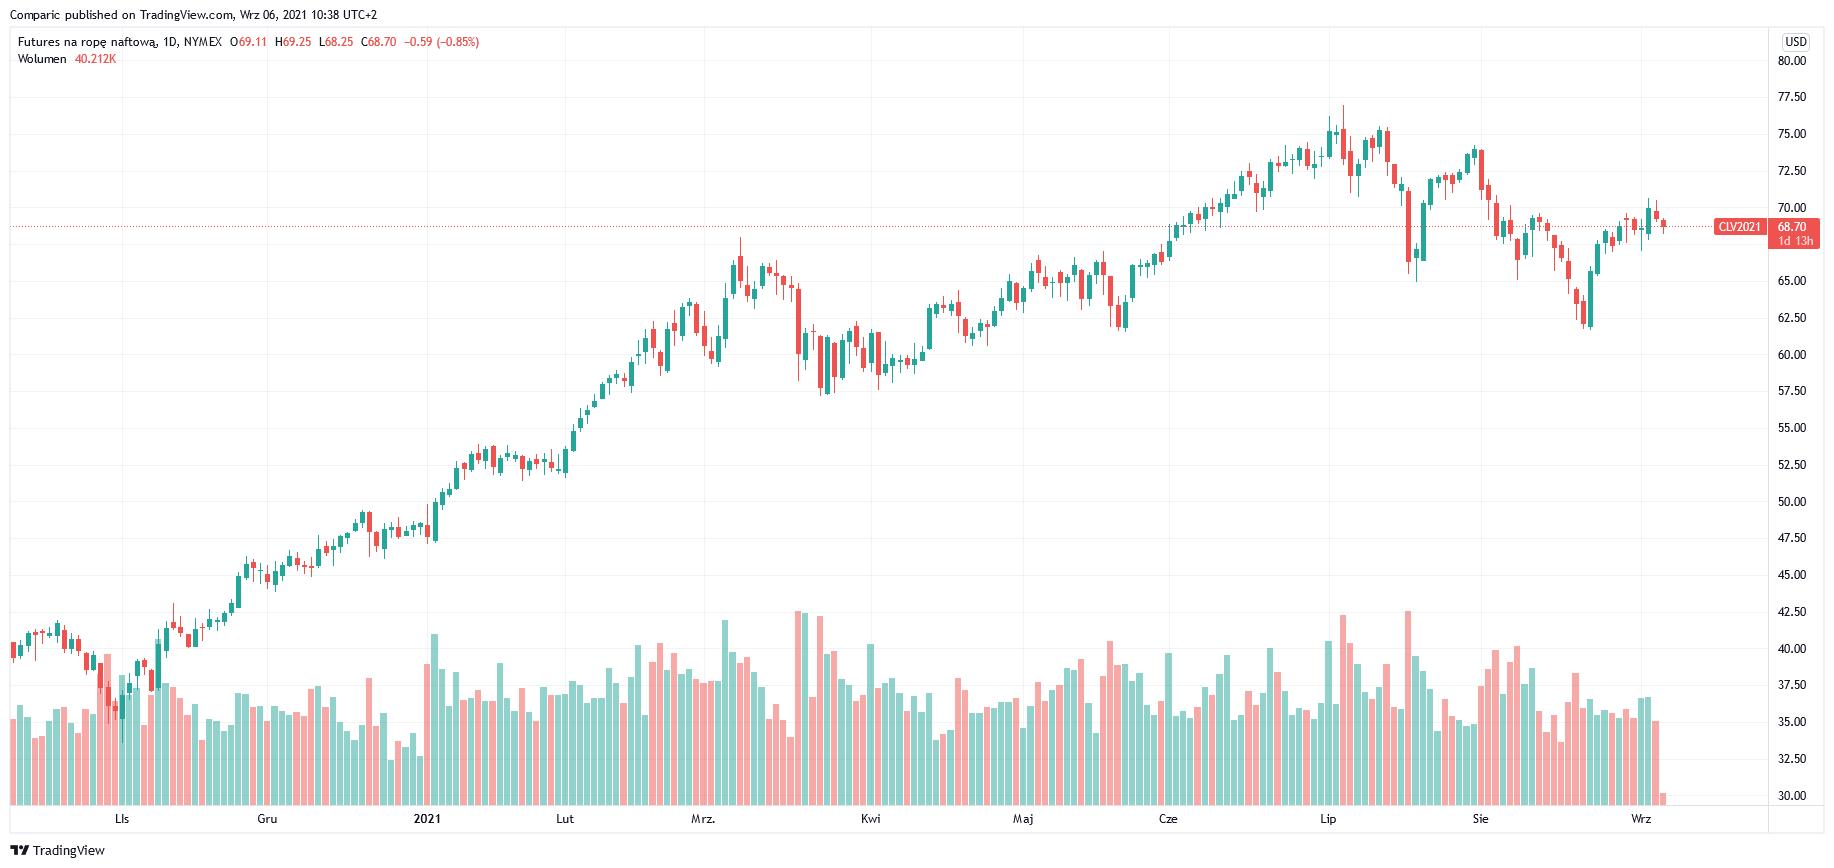 Cena ropy w dół w poniedziałek. Saudi Aramco zmuszony do sporych obniżek cen